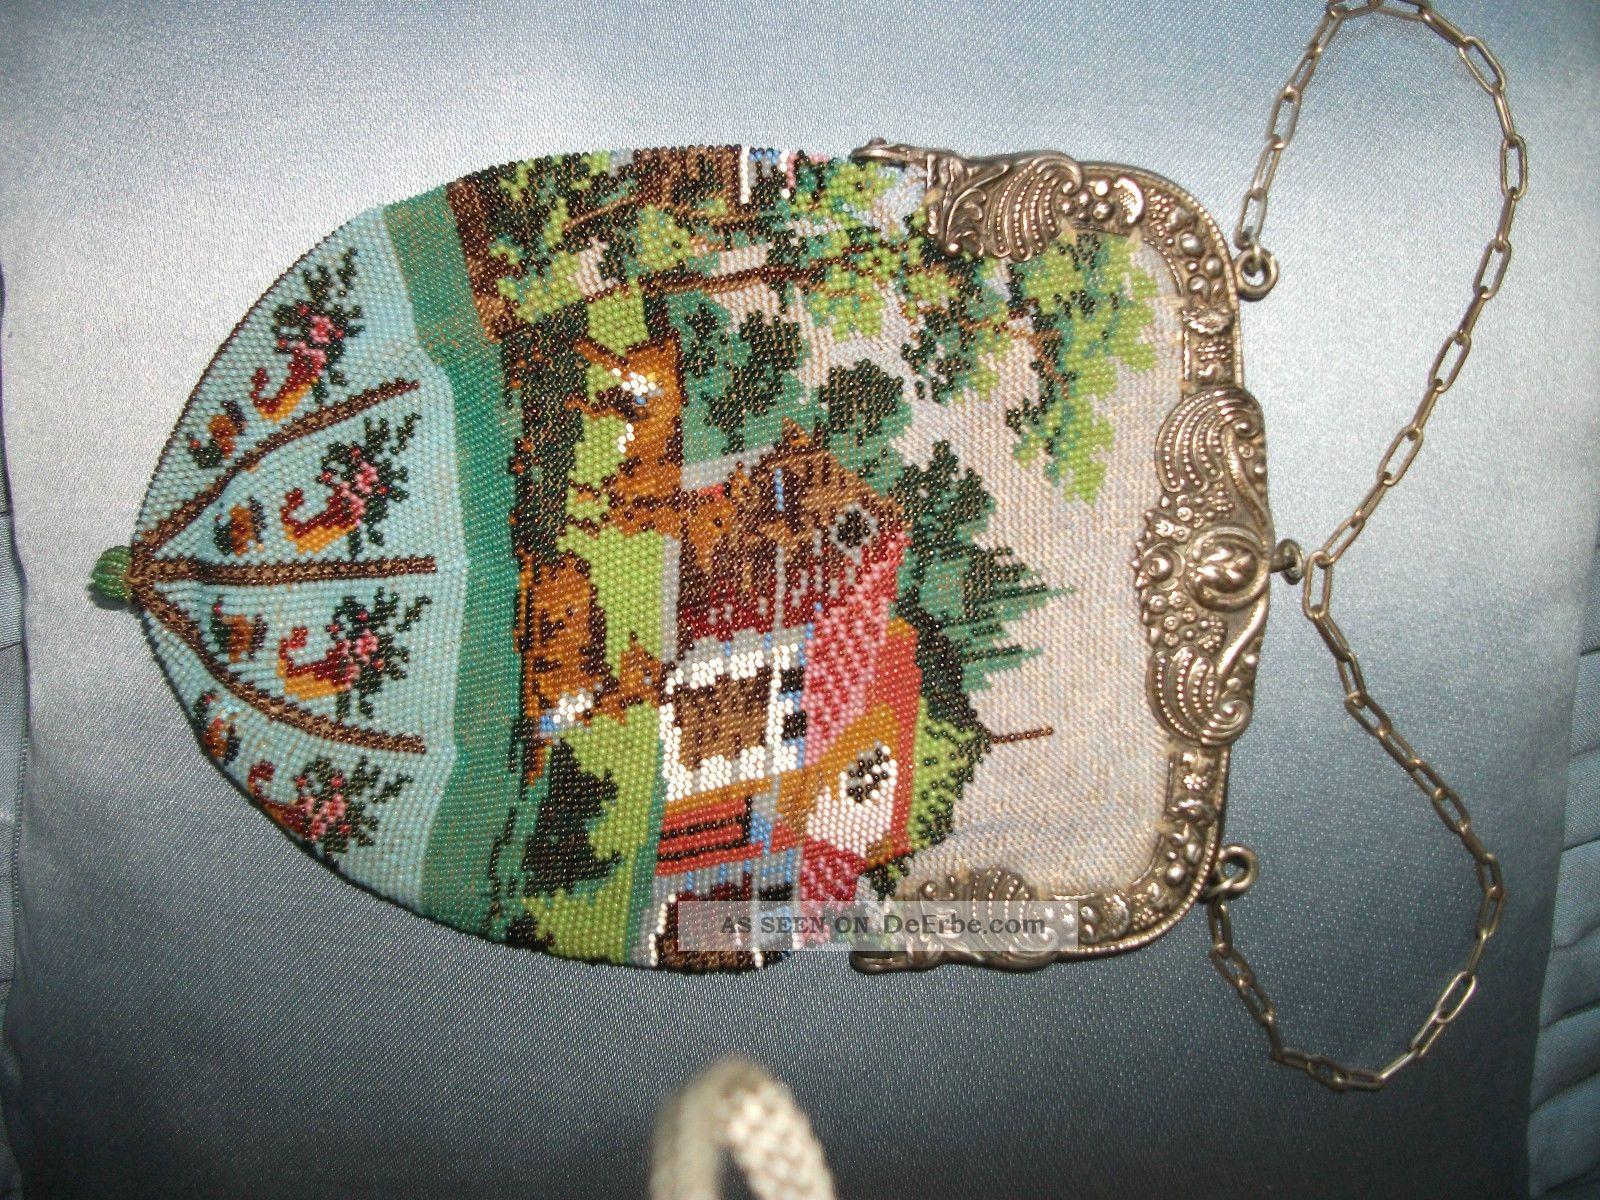 Perlenbeutel Tasche Antik Mit 800er Silberbügel Accessoires Bild